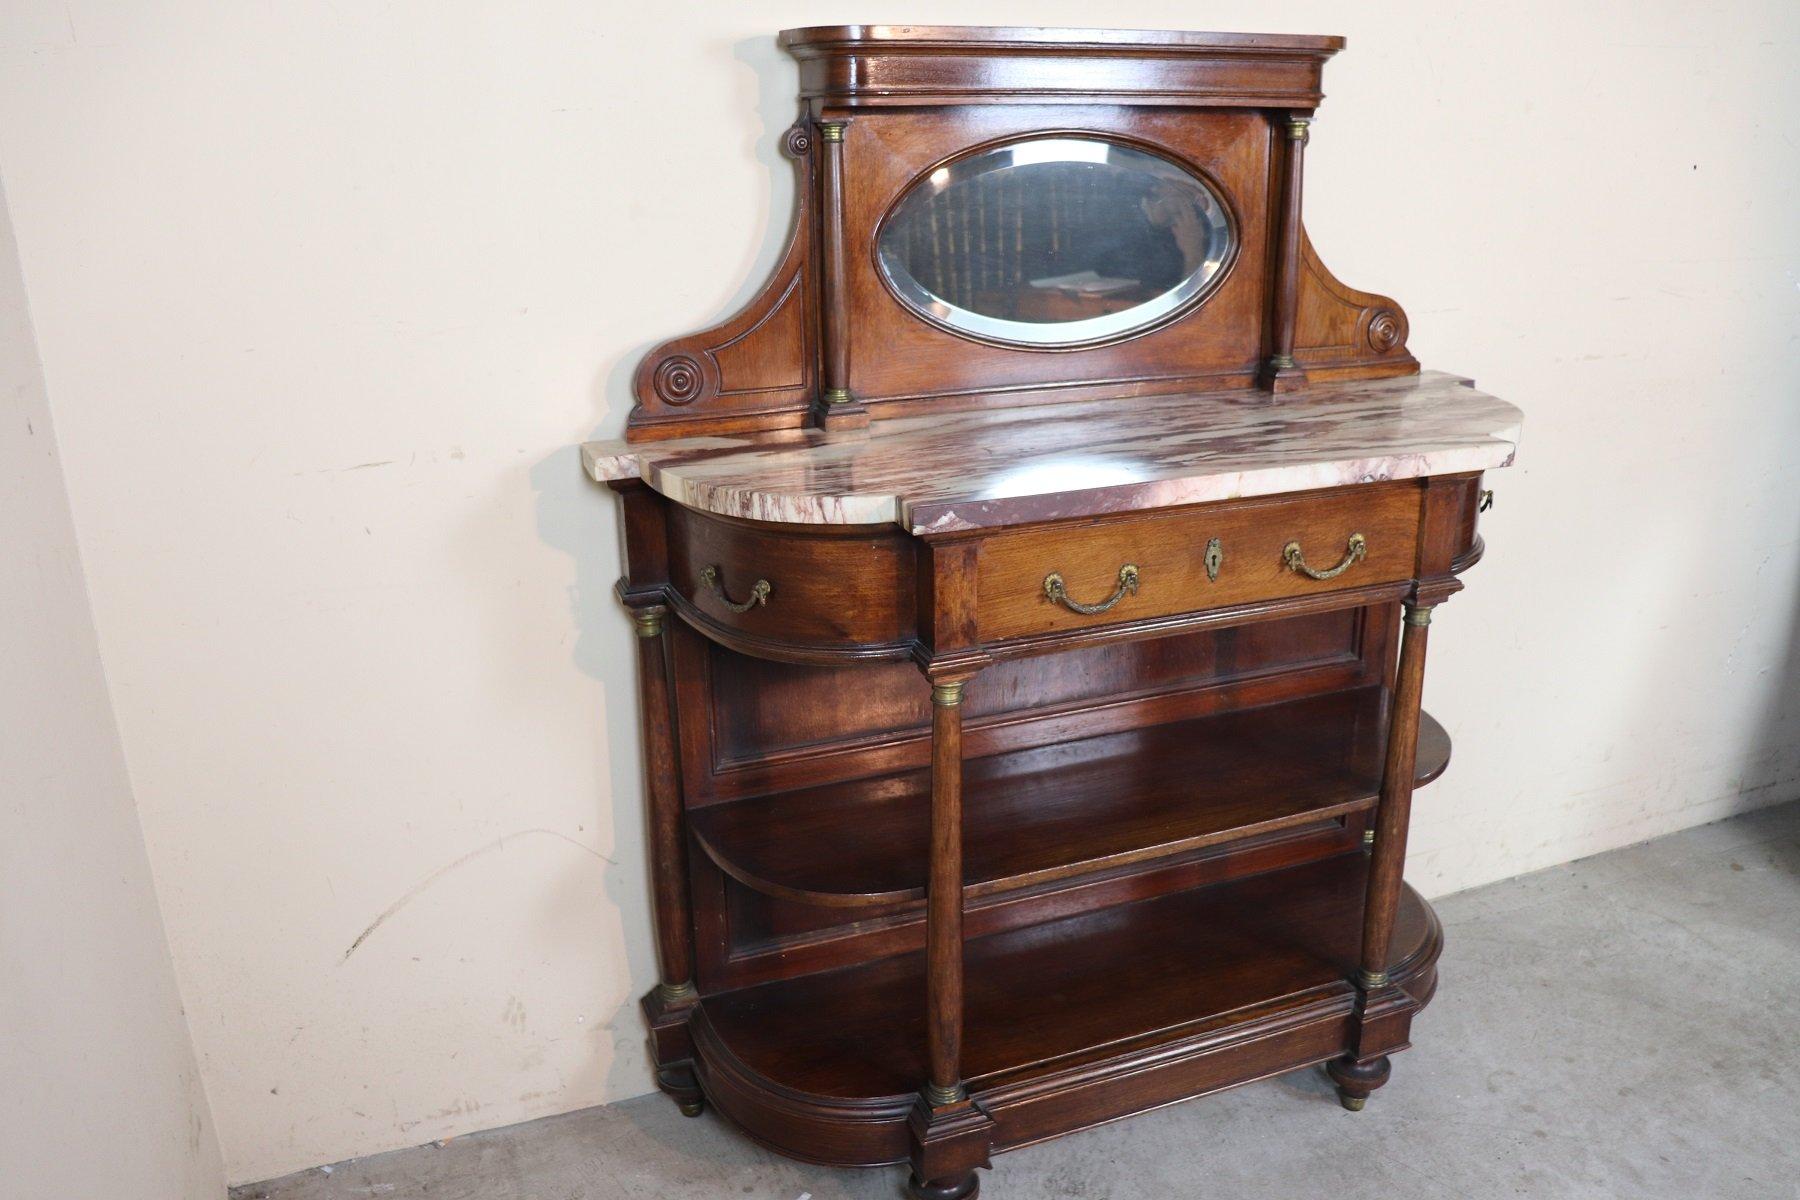 meuble d 39 entr e art nouveau italie 1920s en vente sur pamono. Black Bedroom Furniture Sets. Home Design Ideas